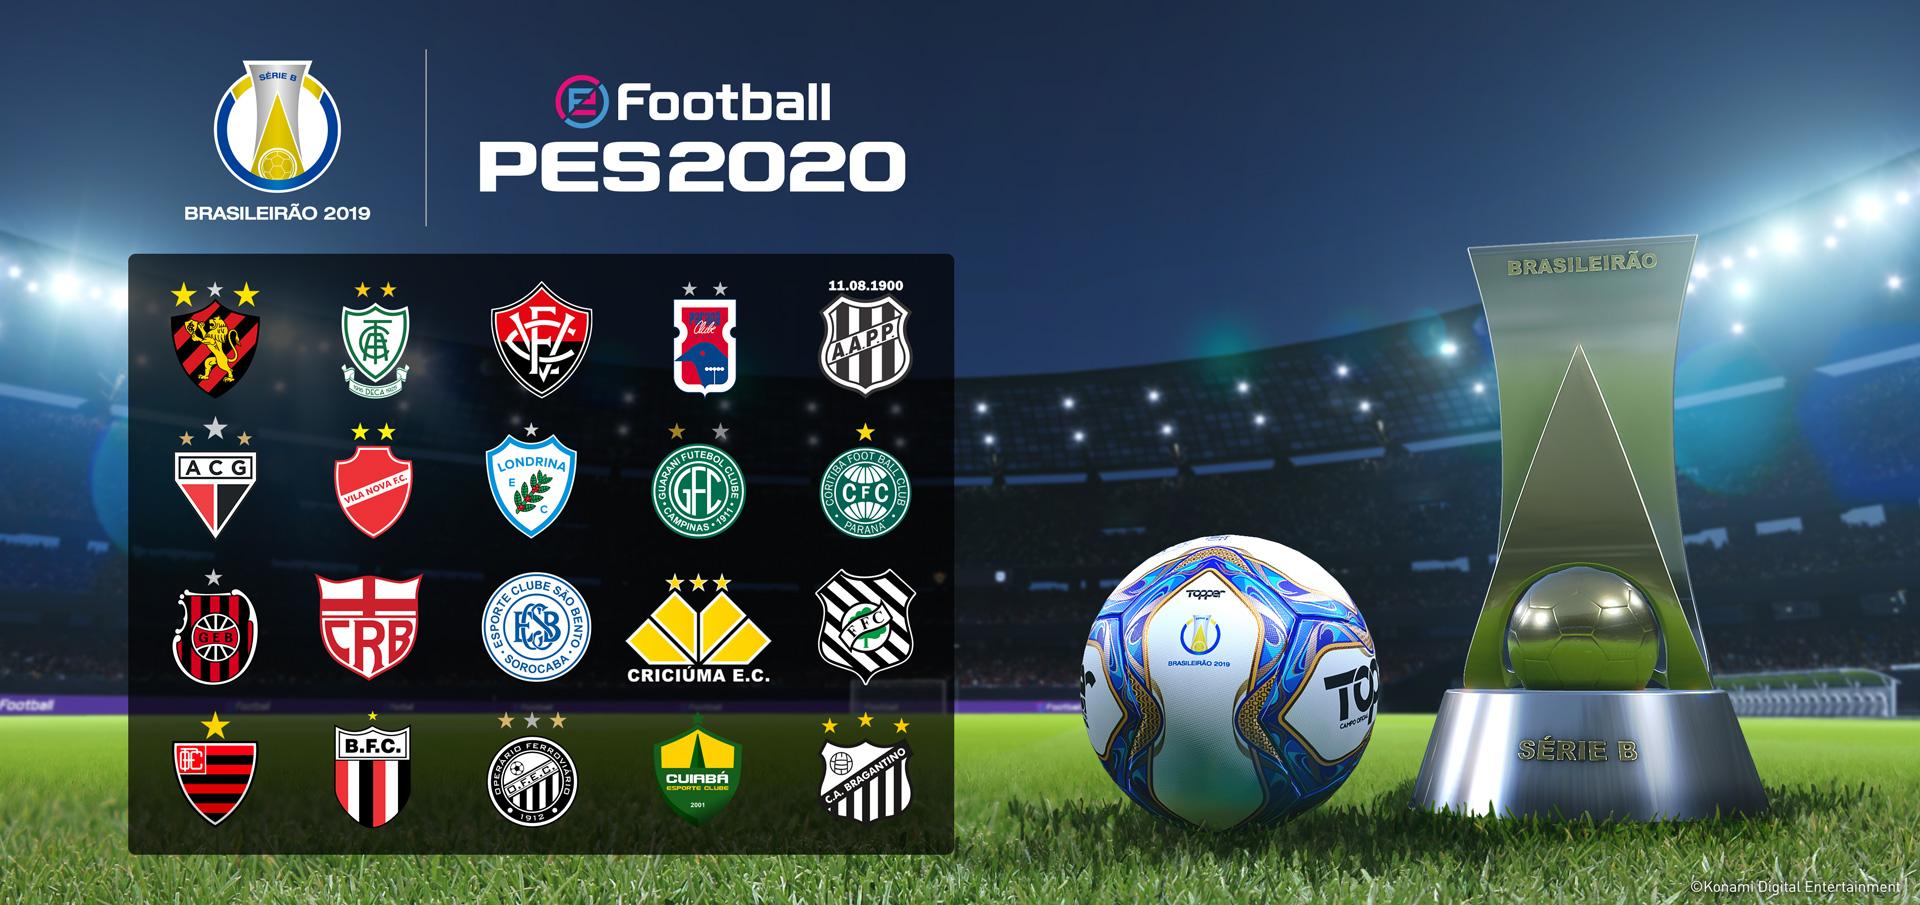 KONAMI anuncia parceria com o Vasco da Gama, exclusividade com o Atlético Mineiro e a Série B!